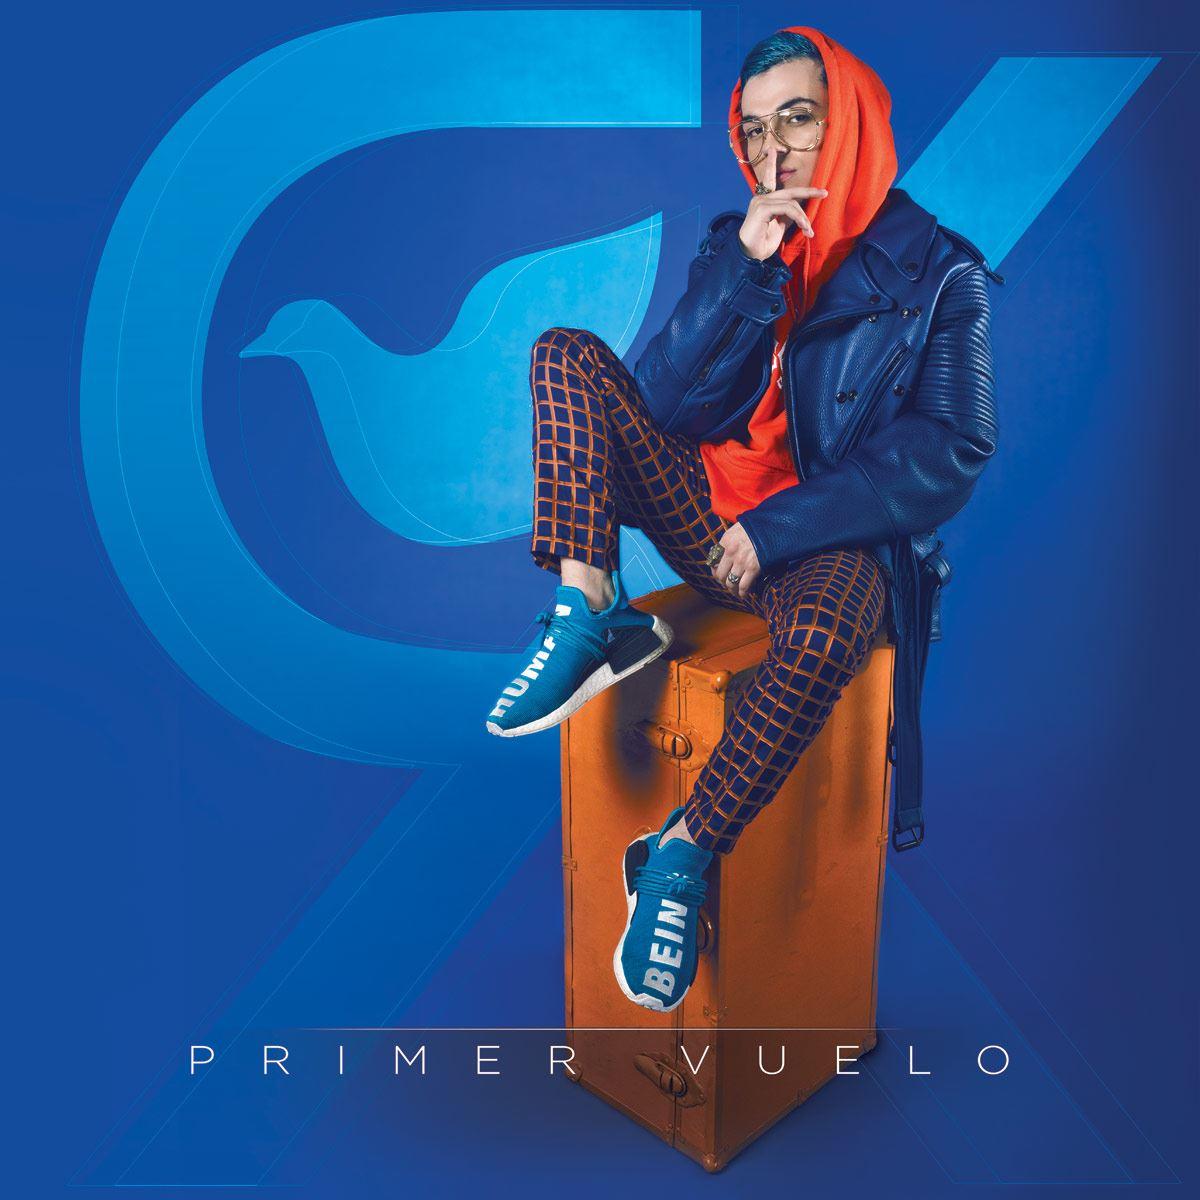 CD RK Primer Vuelo EP